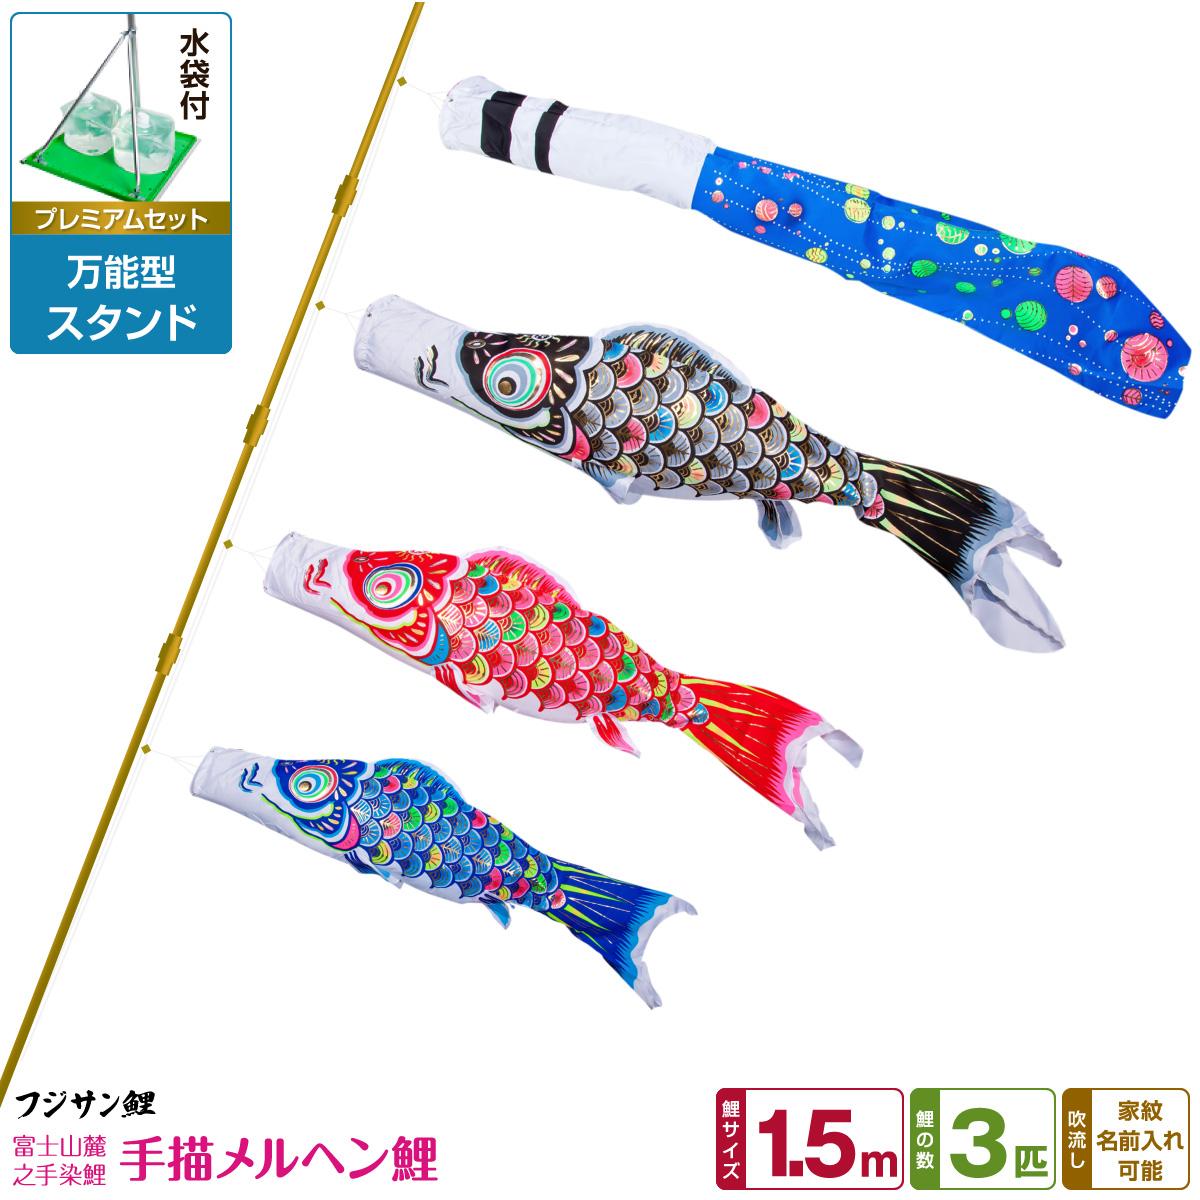 ベランダ用 こいのぼり 鯉のぼり フジサン鯉 手描メルヘン鯉 1.5m 6点(吹流し+鯉3匹+矢車+ロープ)/プレミアムセット(万能スタンド)